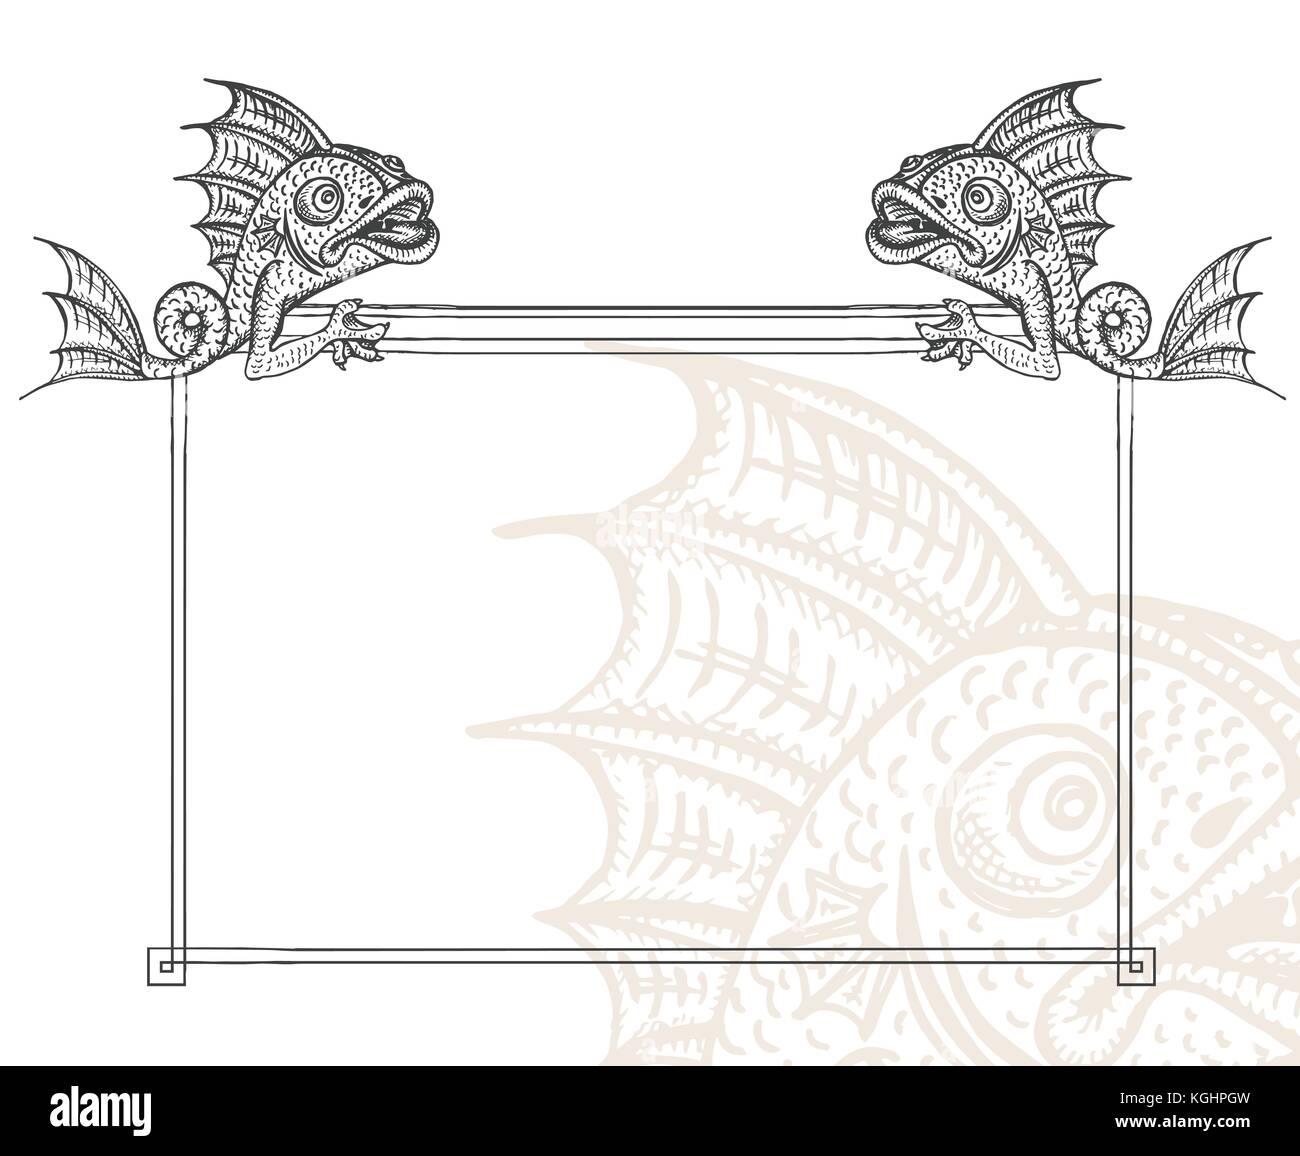 Decorative Border Engraving Stockfotos & Decorative Border Engraving ...